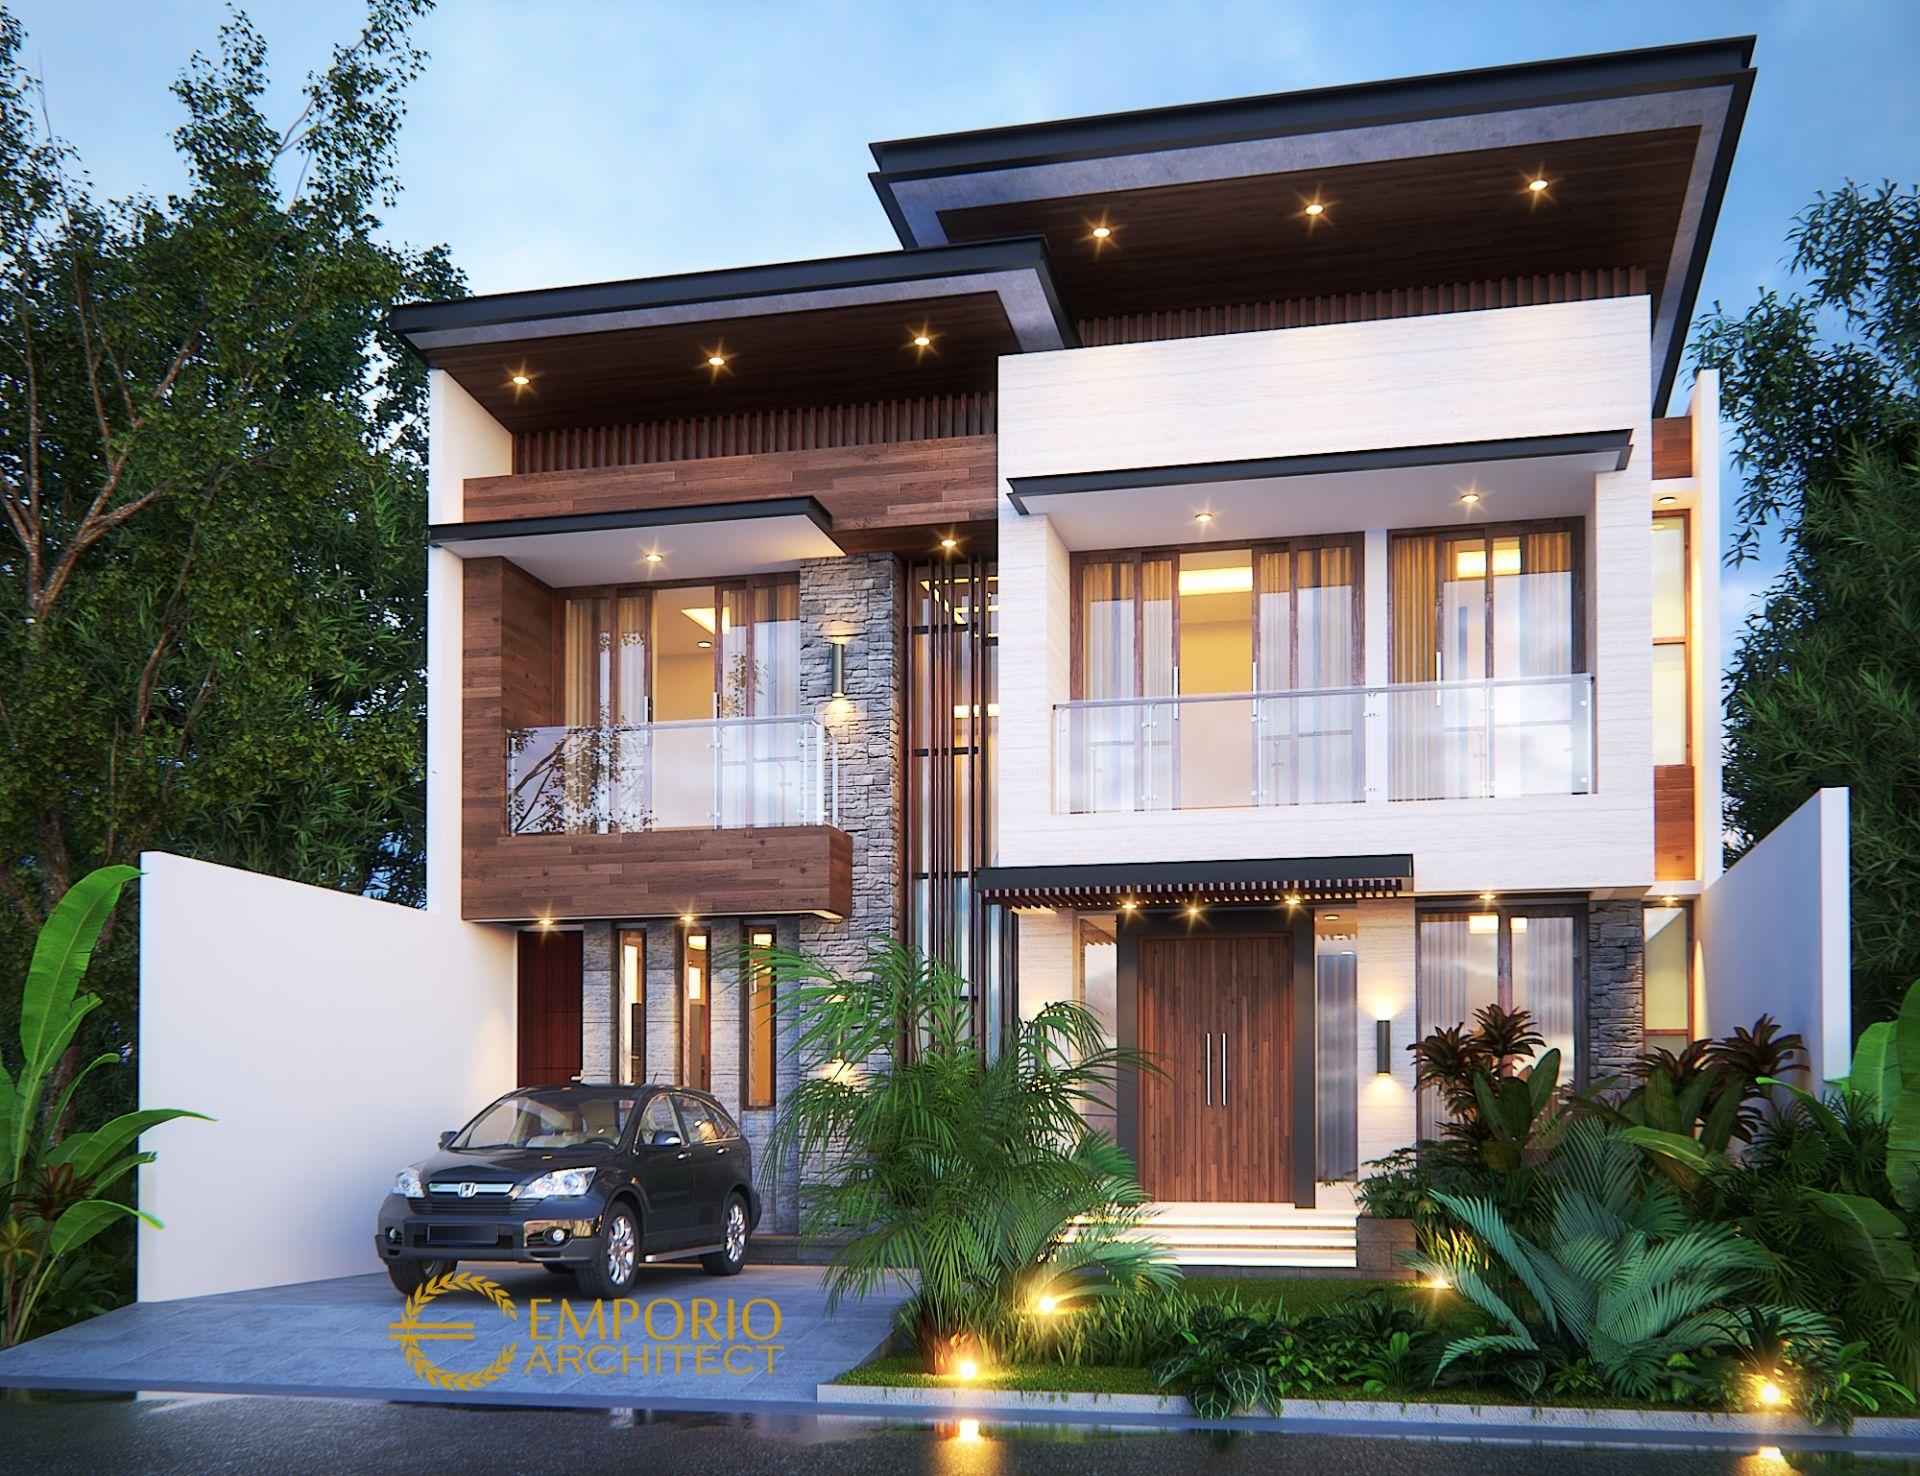 Desain Rumah Modern 2 Lantai Bapak Iskandar di Depok Jawa Barat